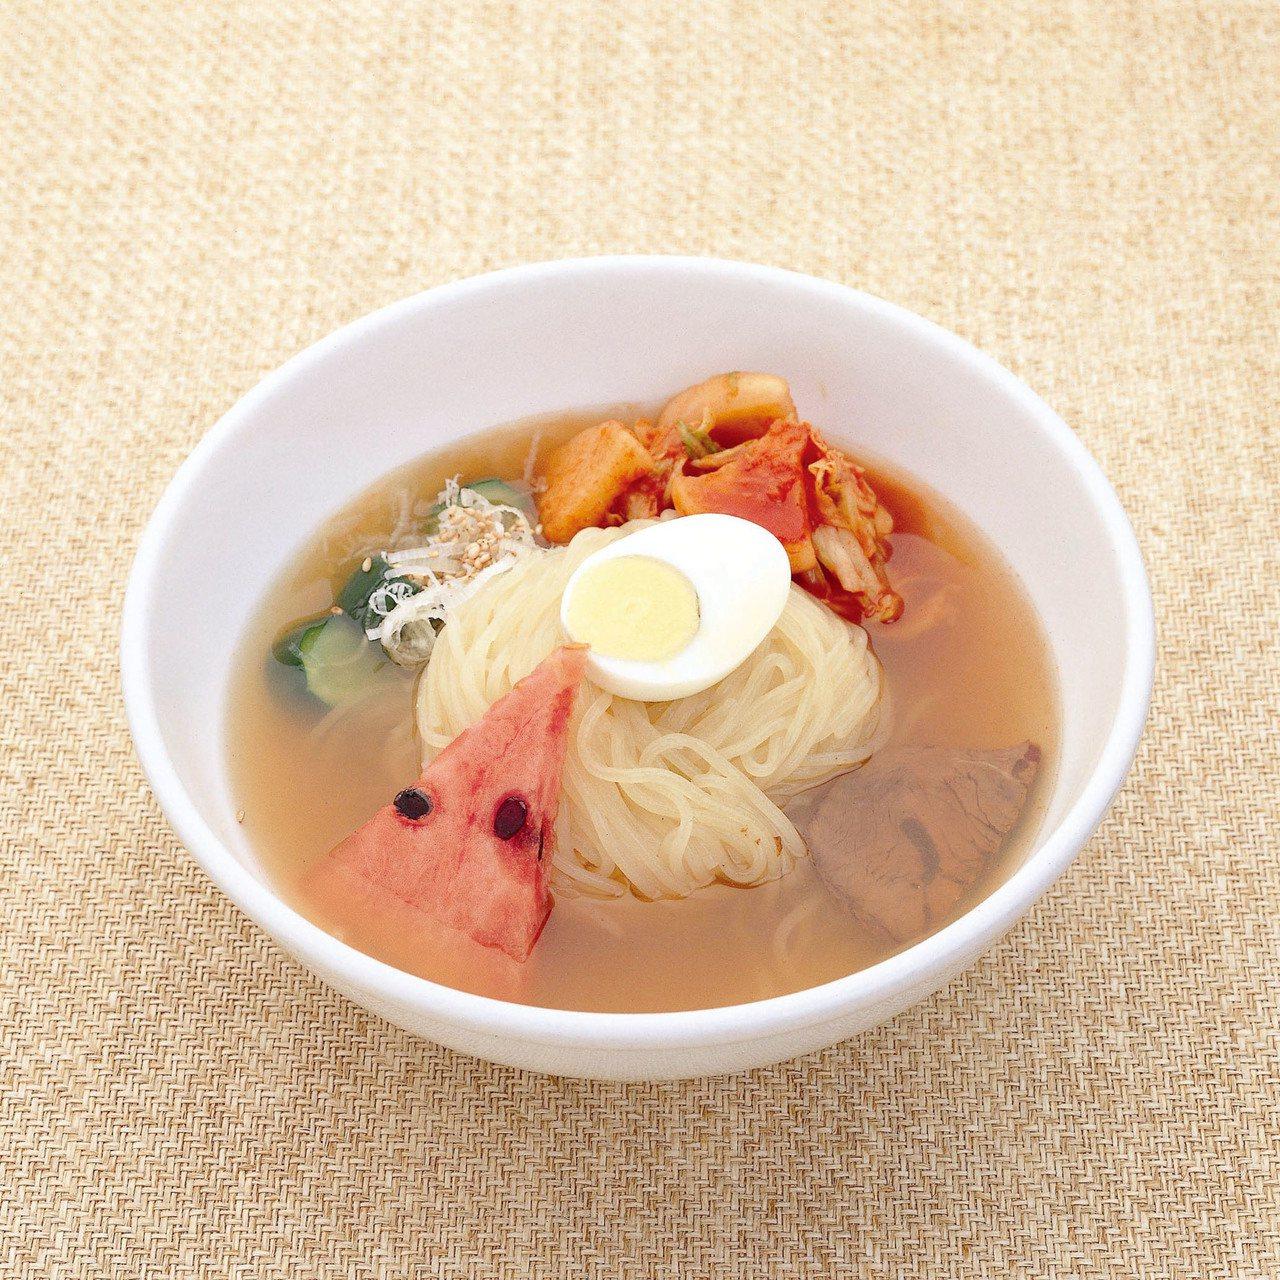 盛岡涼麵與碗子蕎麥麵、炸醬麵並列為「盛岡三大麺」。圖/JR東日本提供